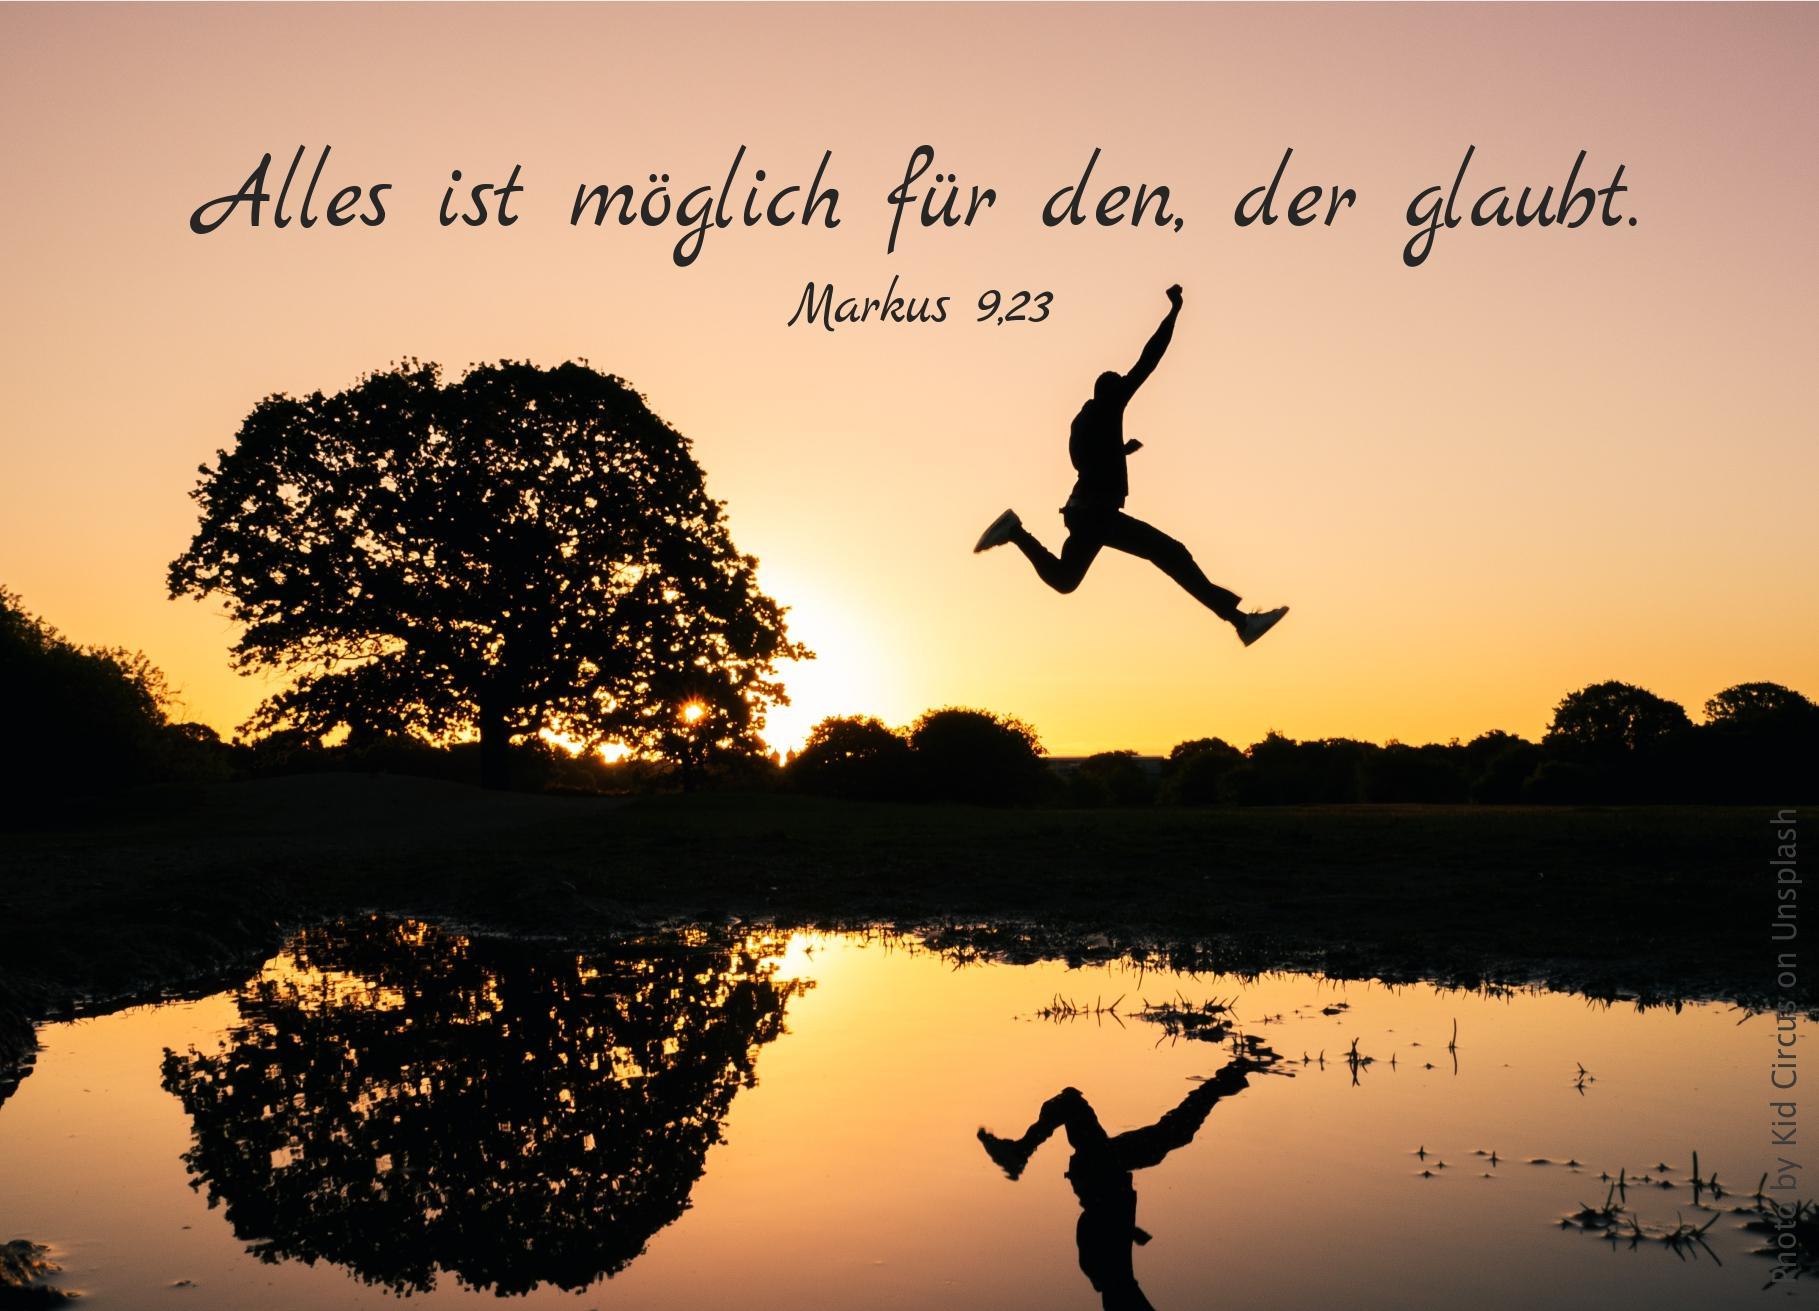 """alt=""""silhouette_eines_springenden_menschen_ueber_einem_see_erwartet_bibelhoerbuch_das_passahfest"""""""